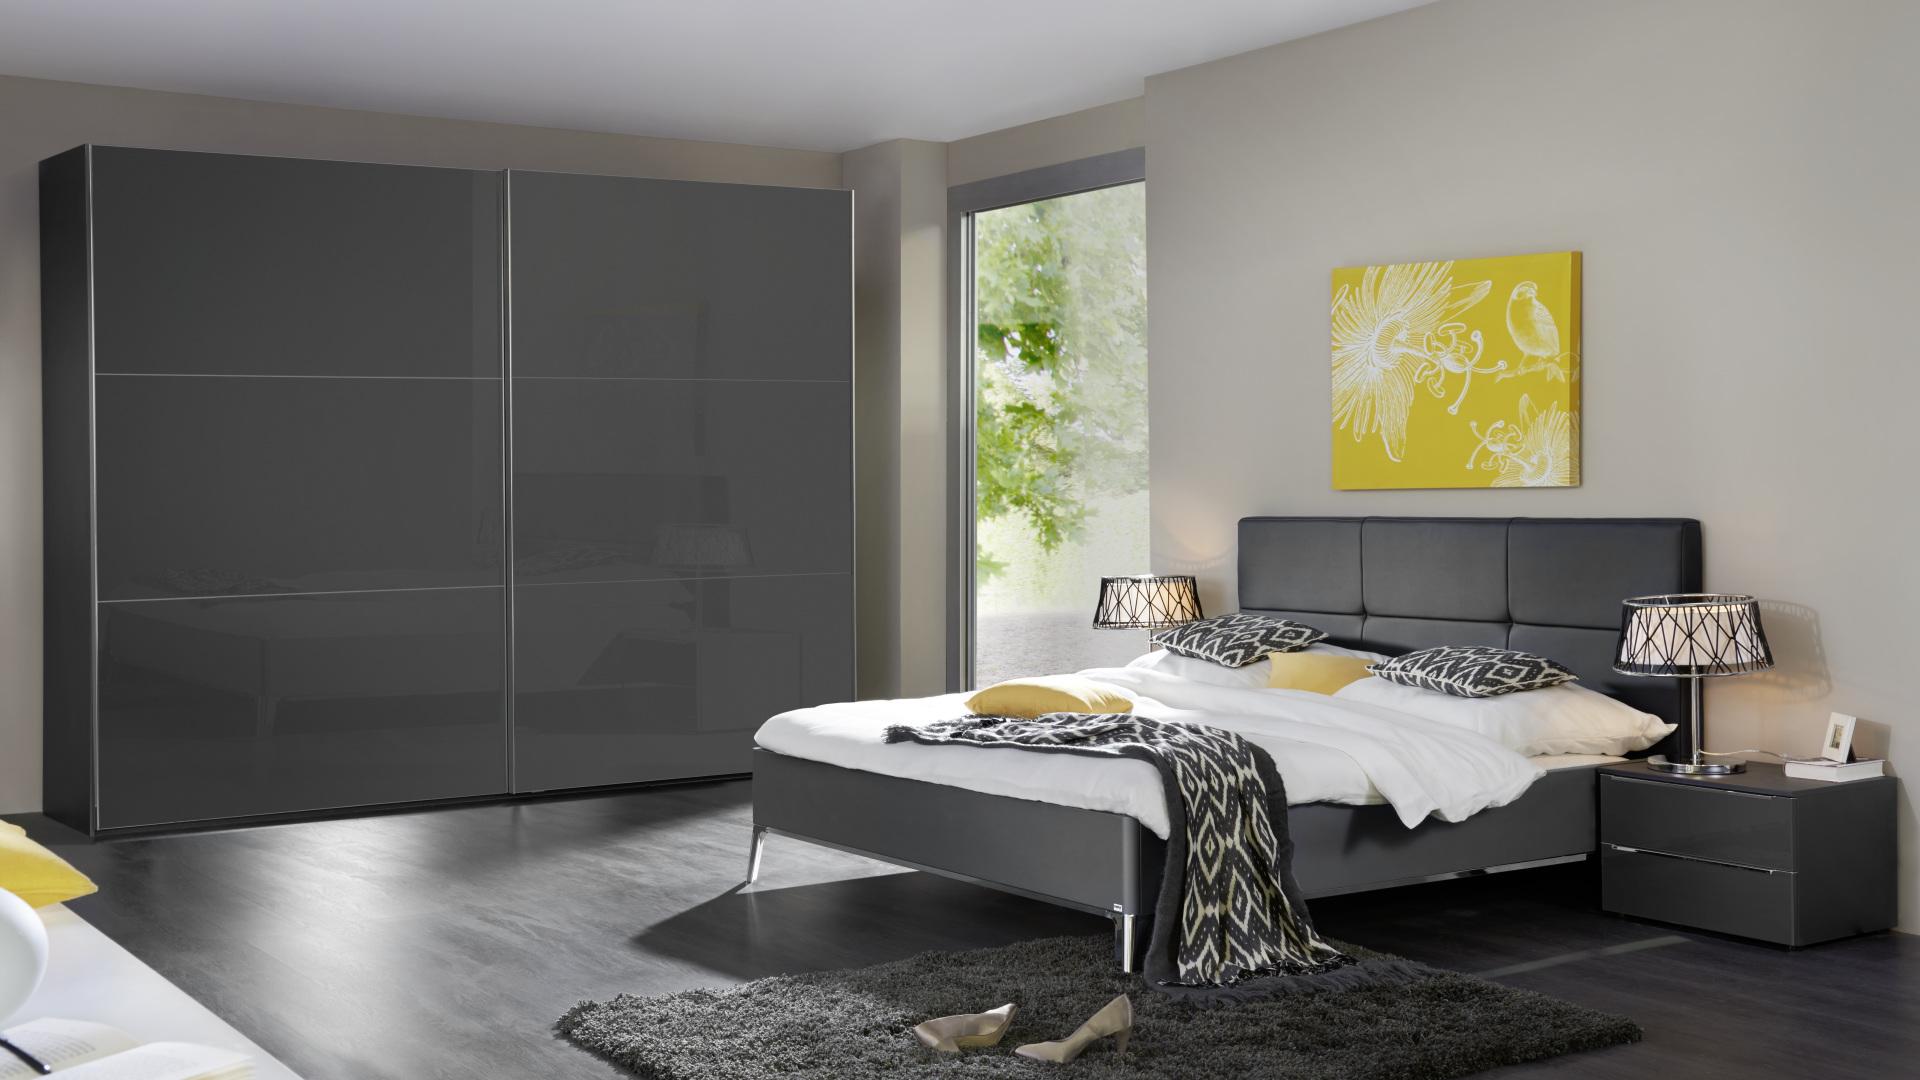 szara szafa i łóżko wyprodukowane w niemczech